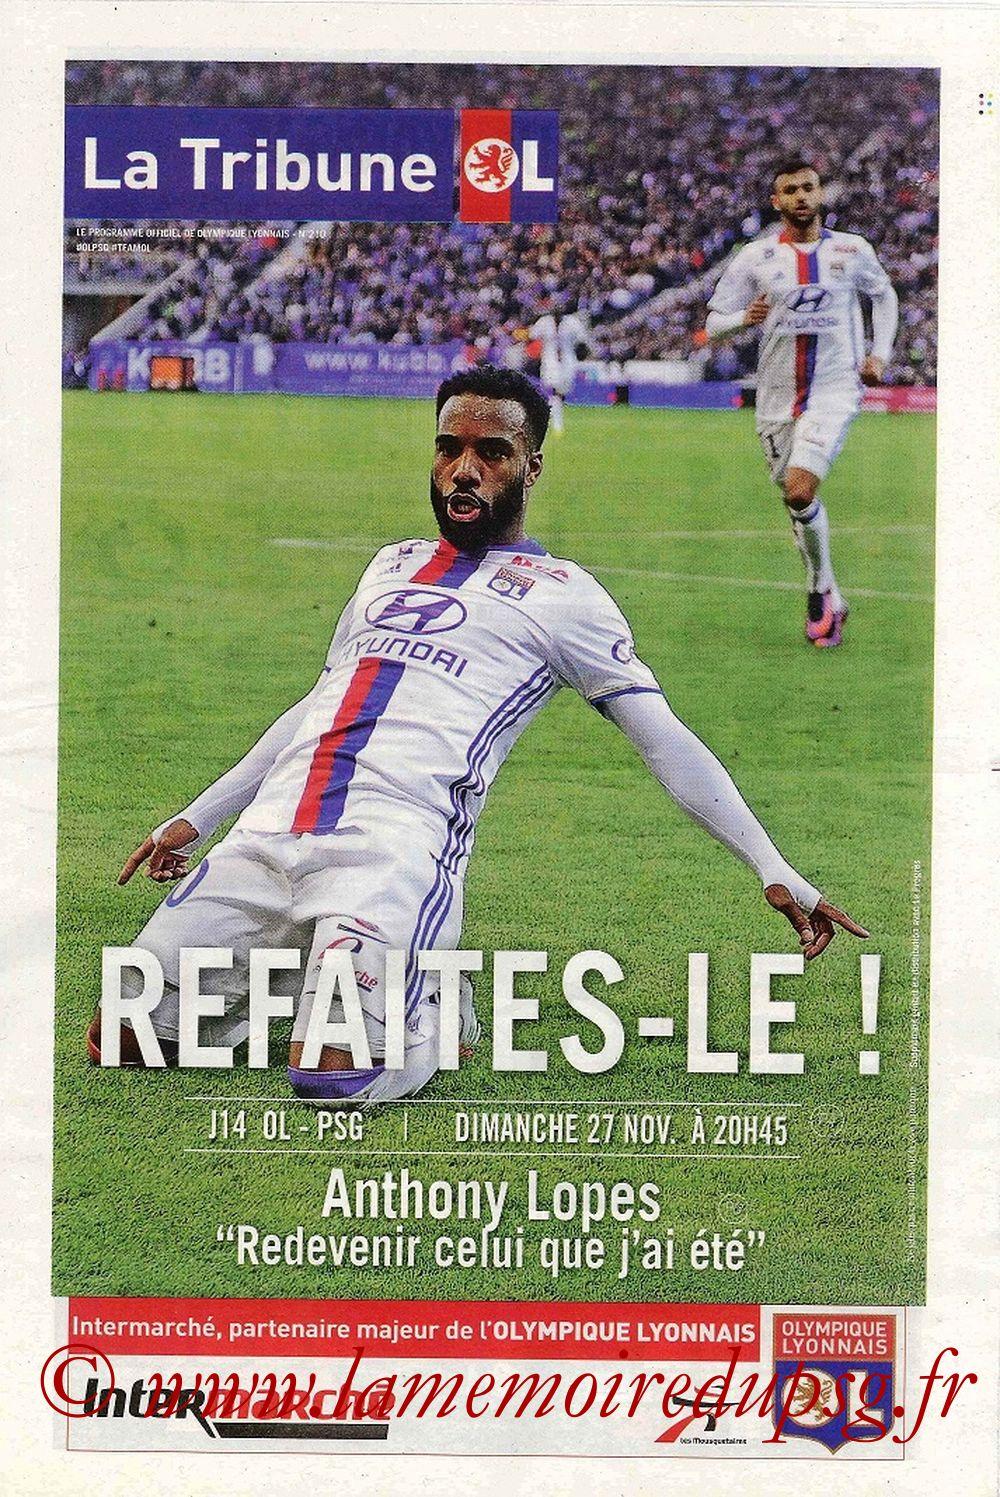 2016-11-27  Lyon-PSG (14ème L1, La Tribune OL)